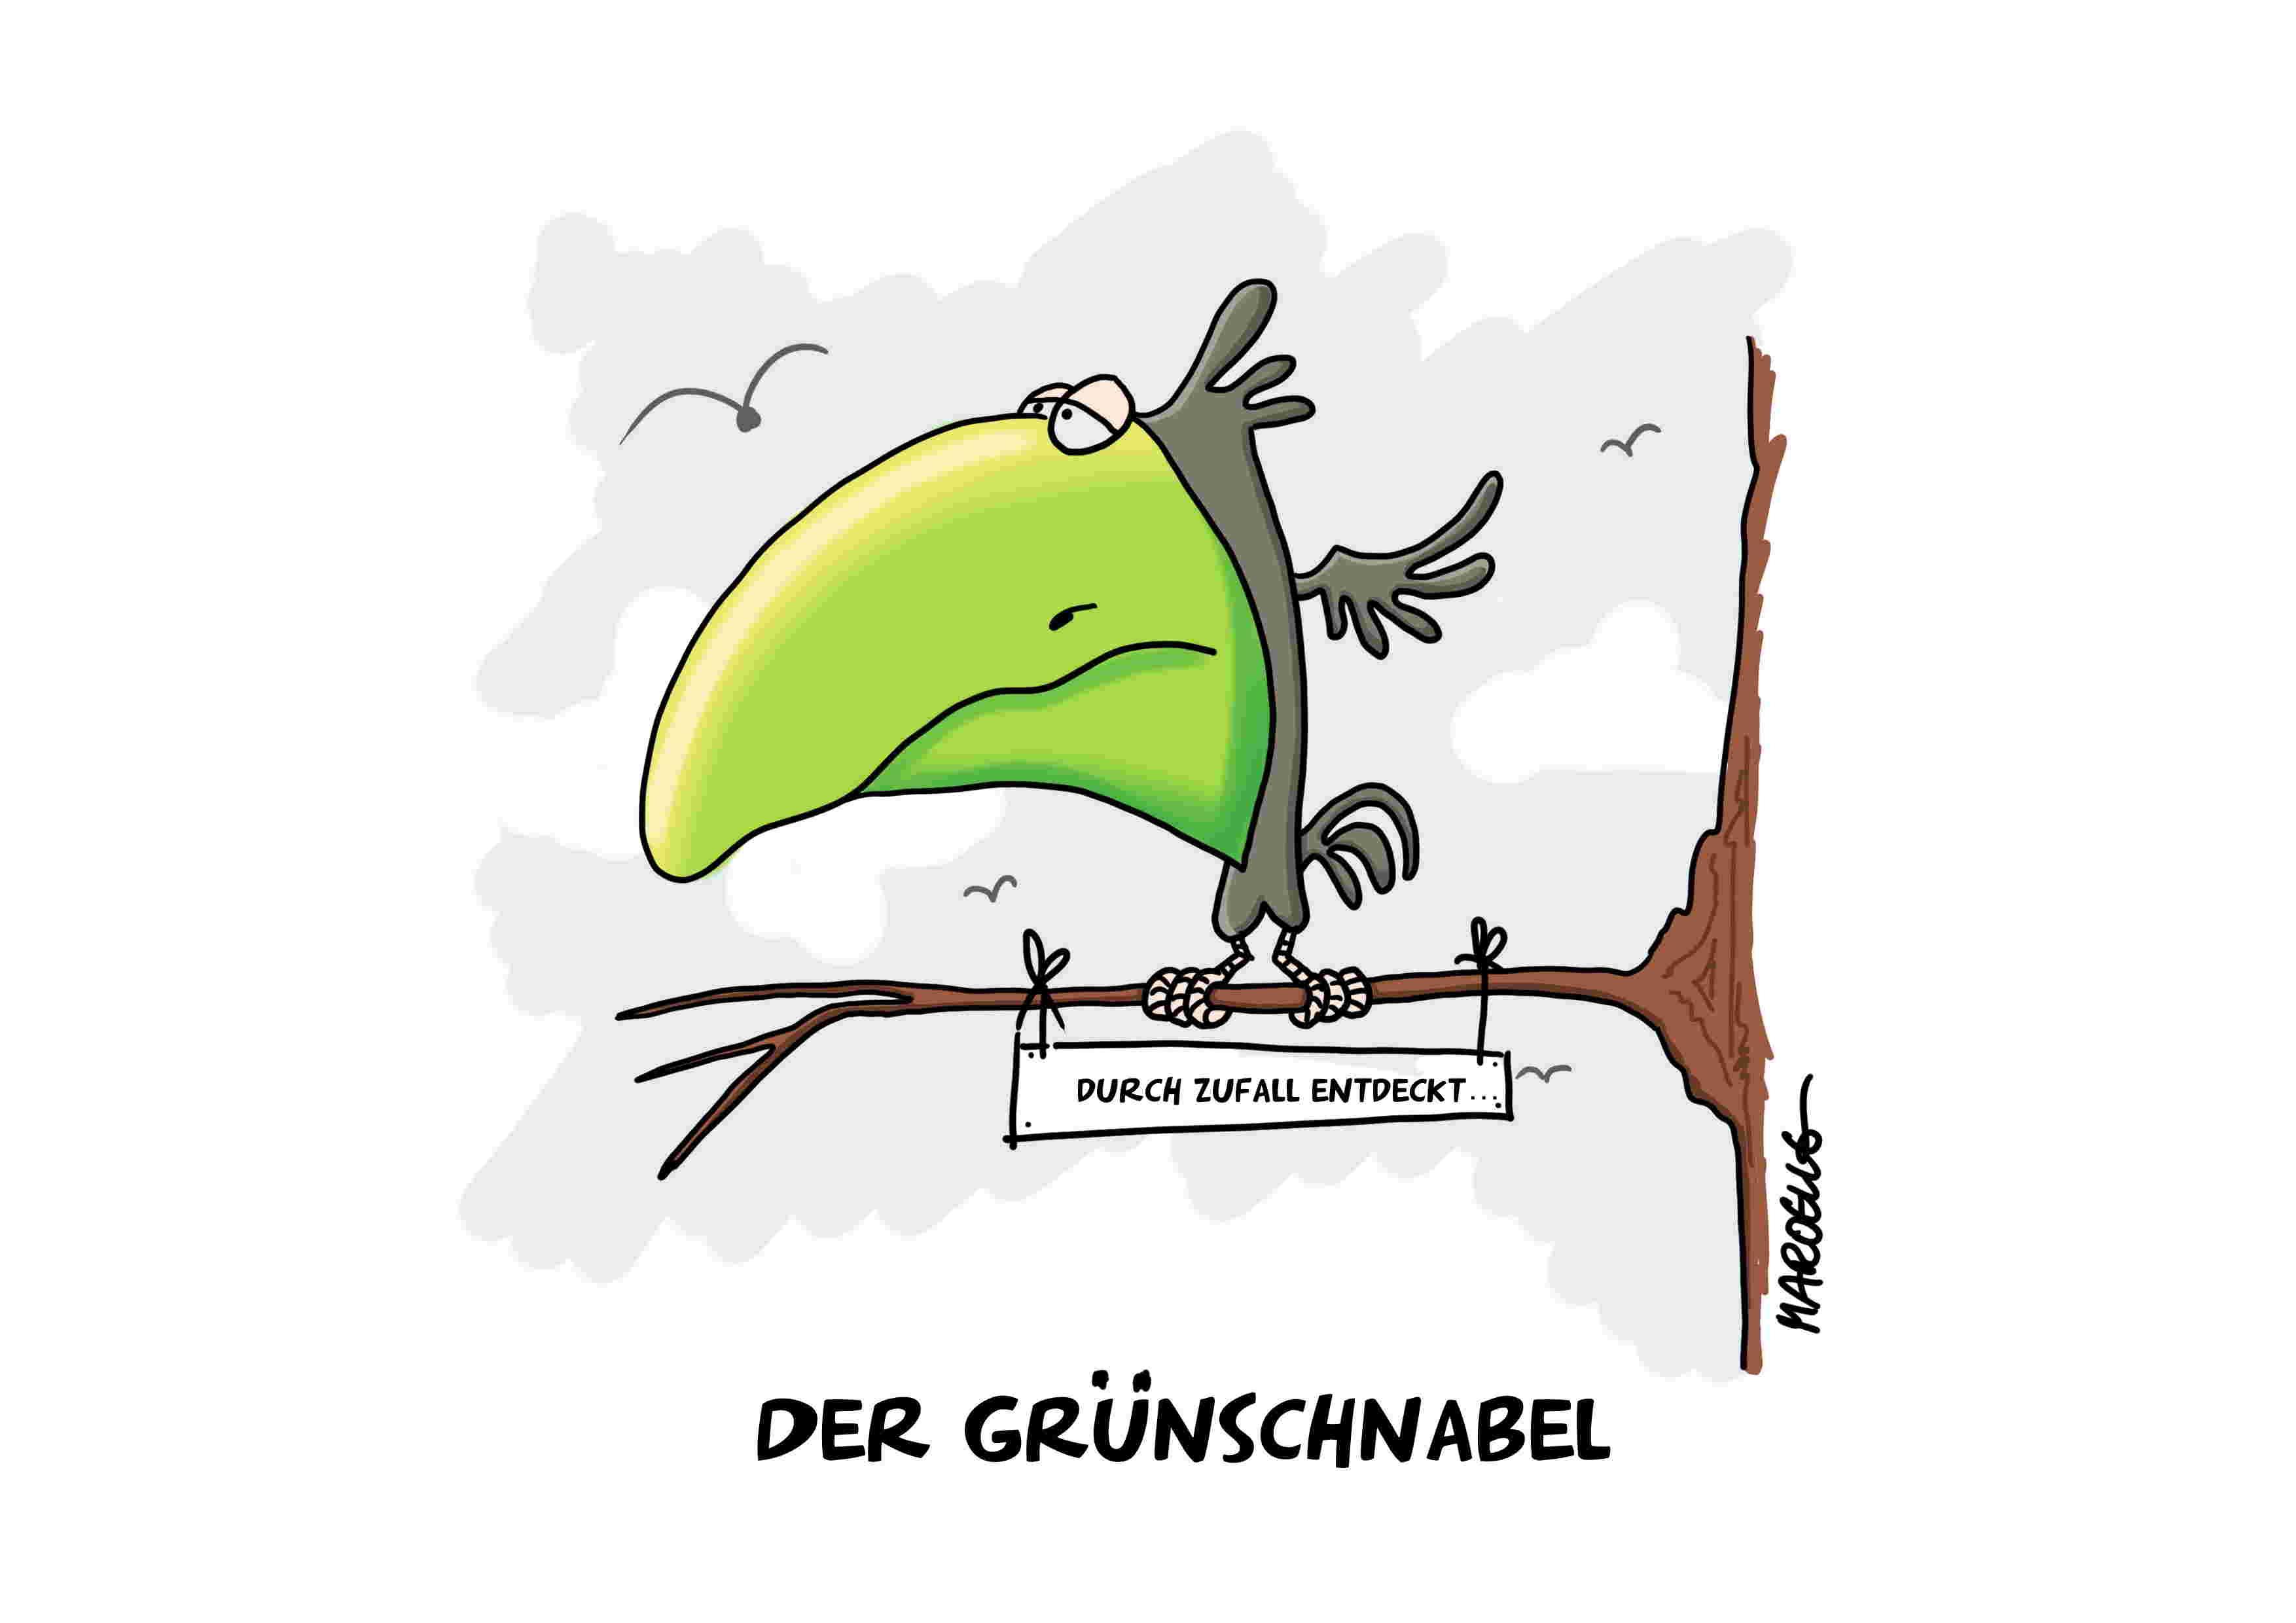 grünschnabel